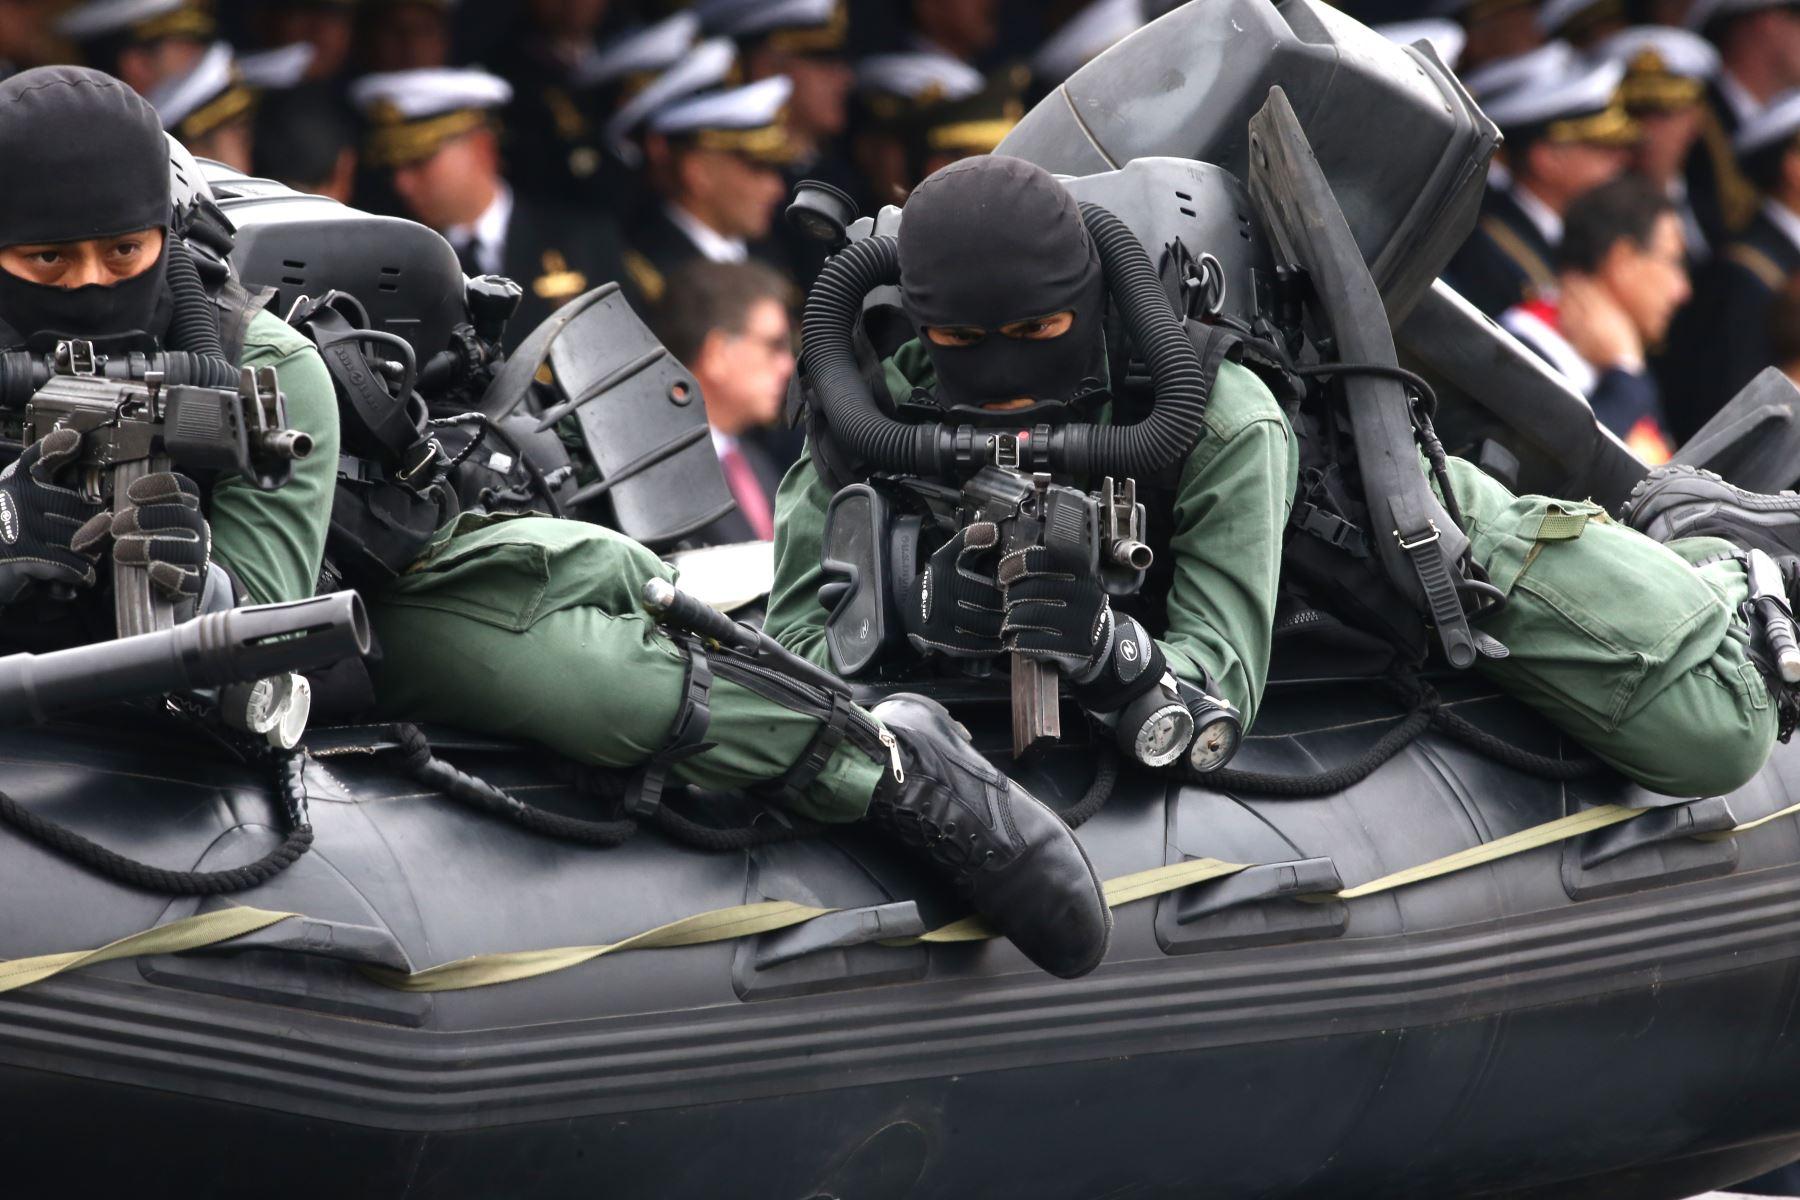 El Presidente Martin Vizcarra participa en  la ceremonia de conmemoración 198º del Combate de Angamos y el aniversario de la Marina de Guerra del Perú, en el ovalo Grau del Callao.Foto:ANDINA/Vidal Tarqui